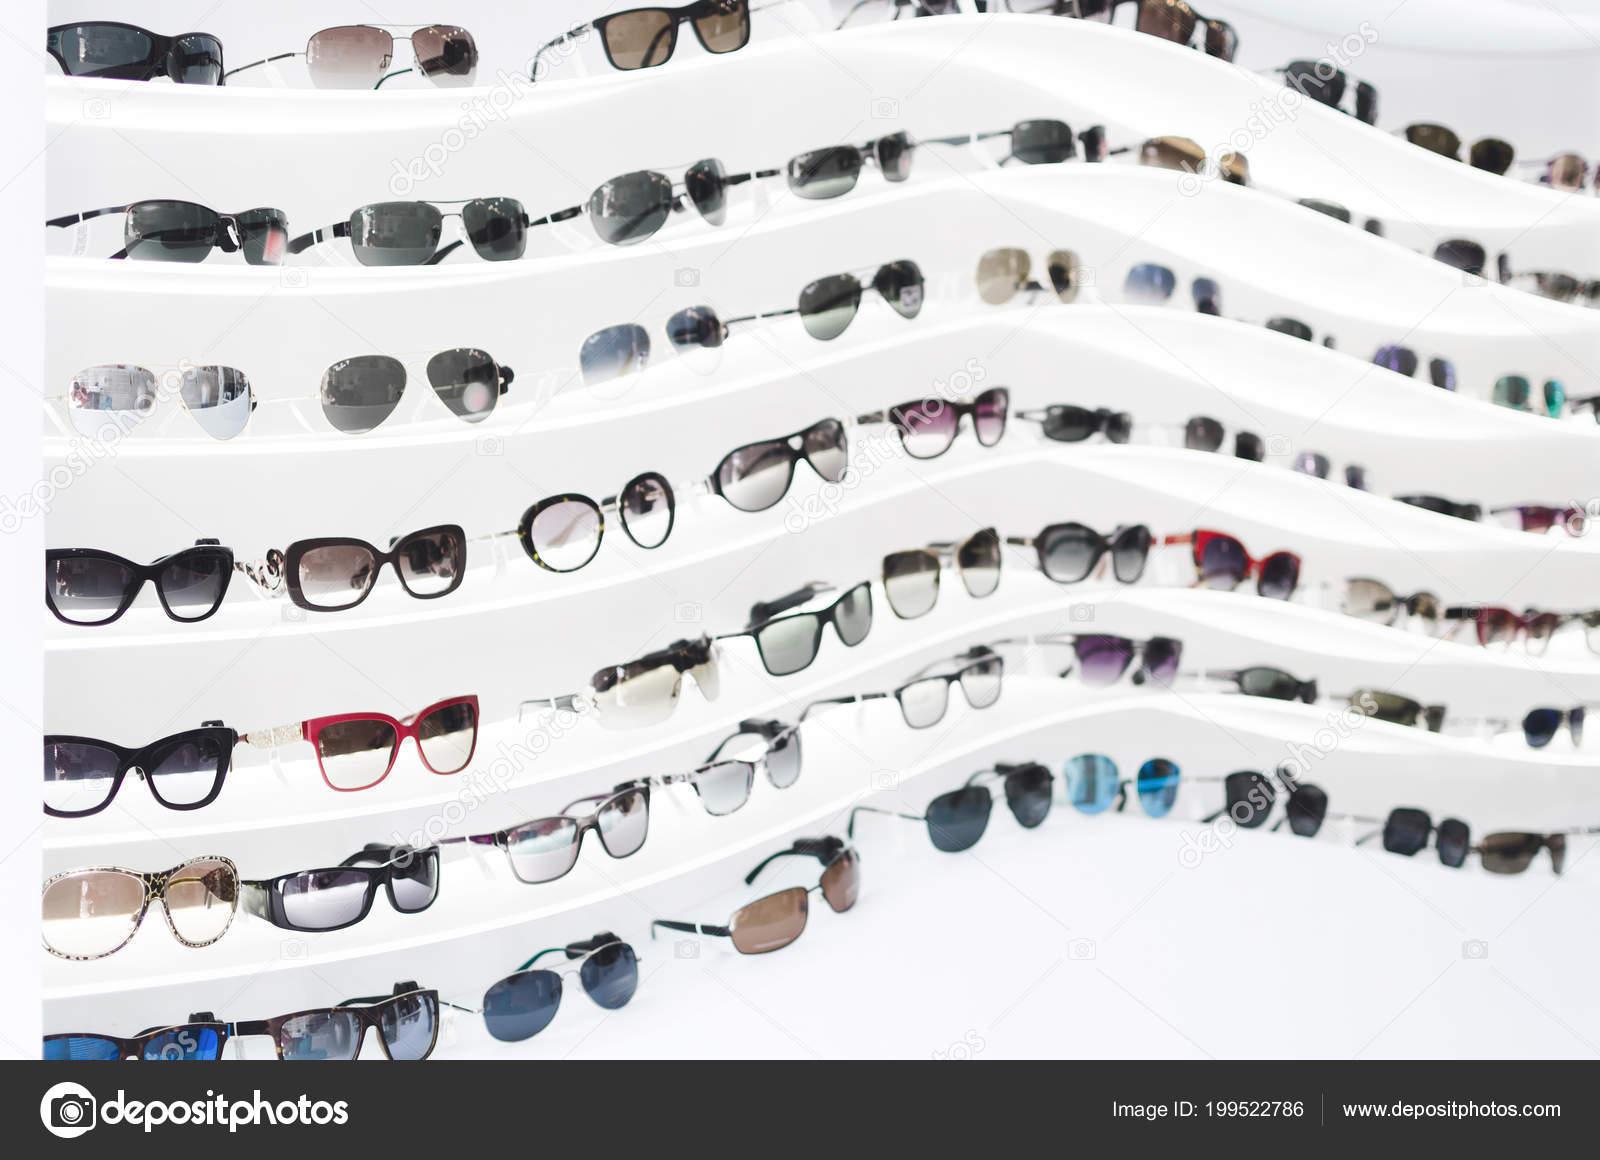 4a1e0df88e589 Expositor Óculos Consistindo Prateleiras Moda Óculos Mostrados Uma Parede  Loja — Fotografia de Stock